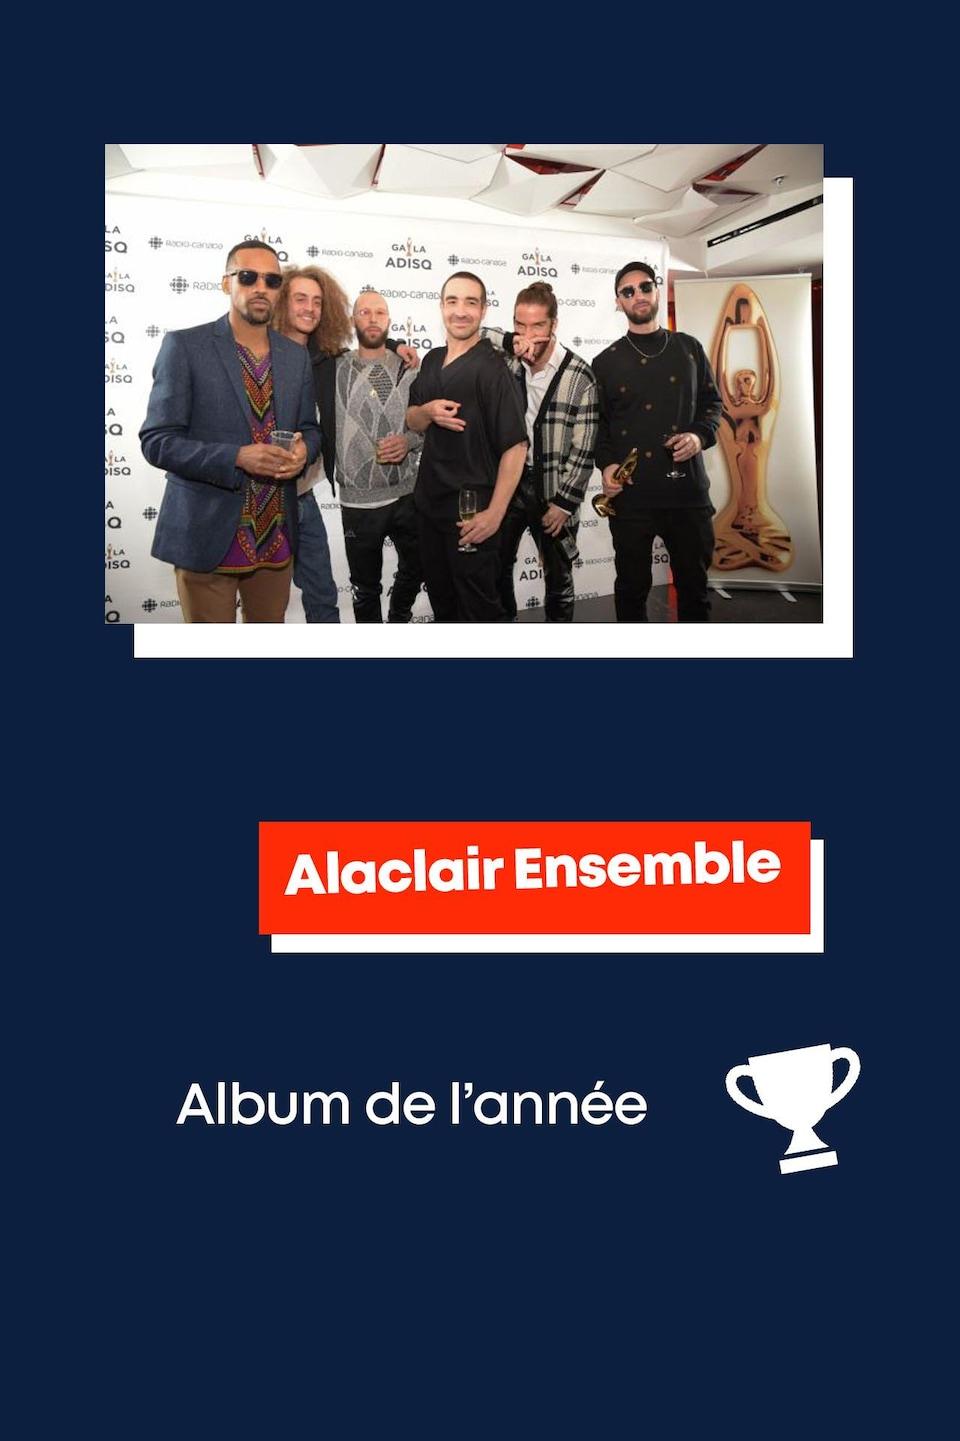 Alaclair Ensemble : album de l'année.